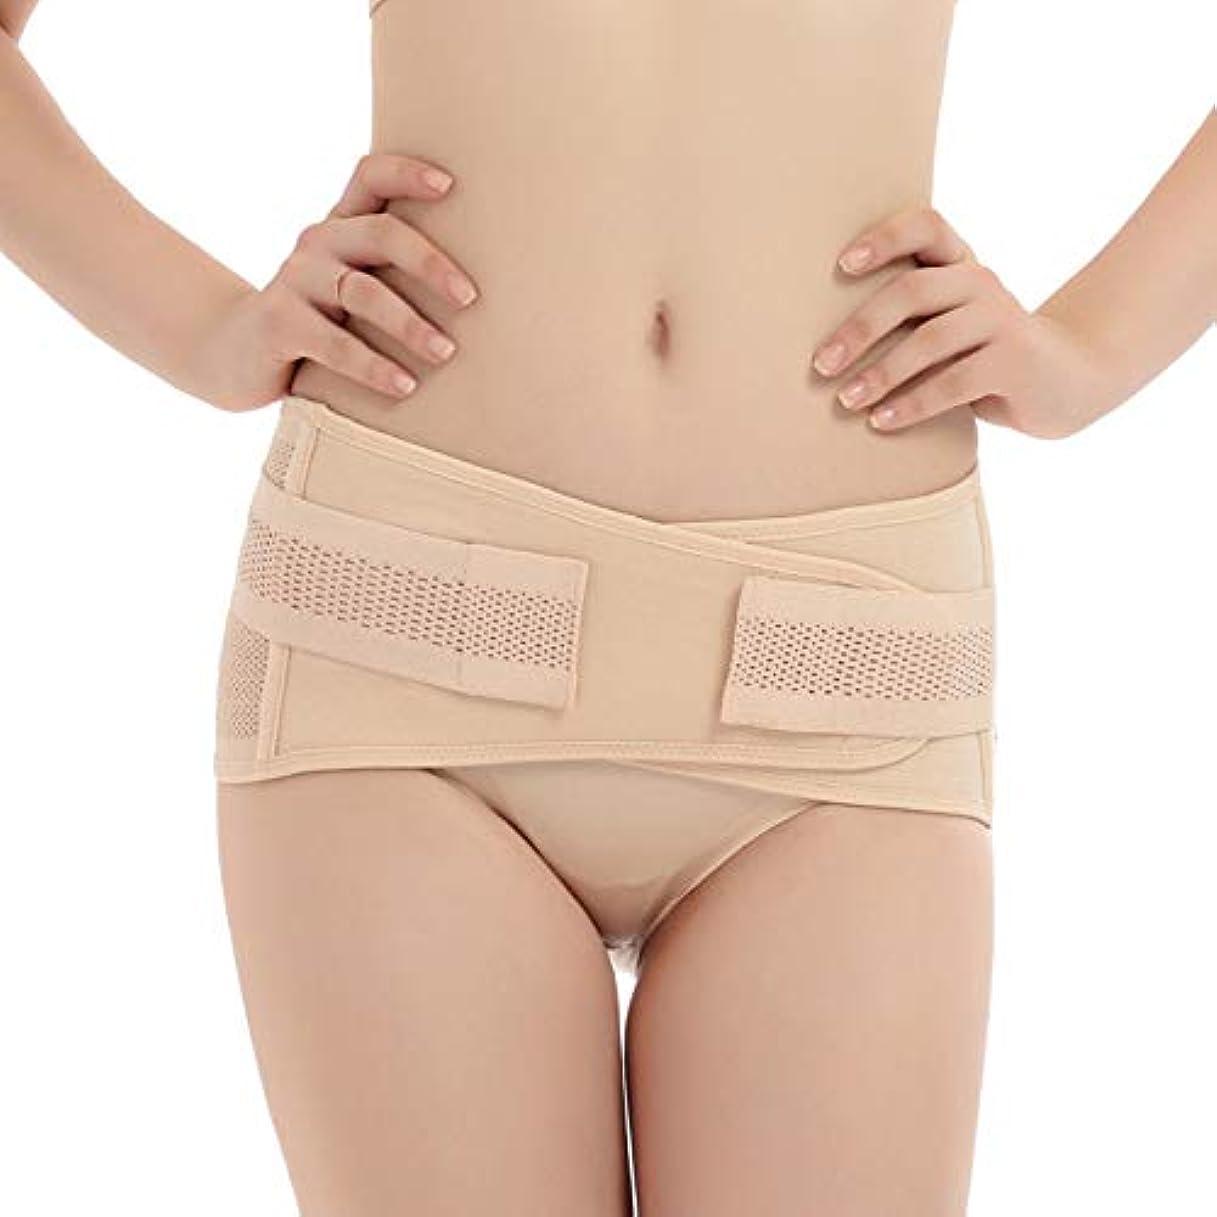 コアセージビンTenflyer 妊娠中の女性産後骨盤正しいベルト腹巻き取り骨盤骨盤整形外科用ベルト